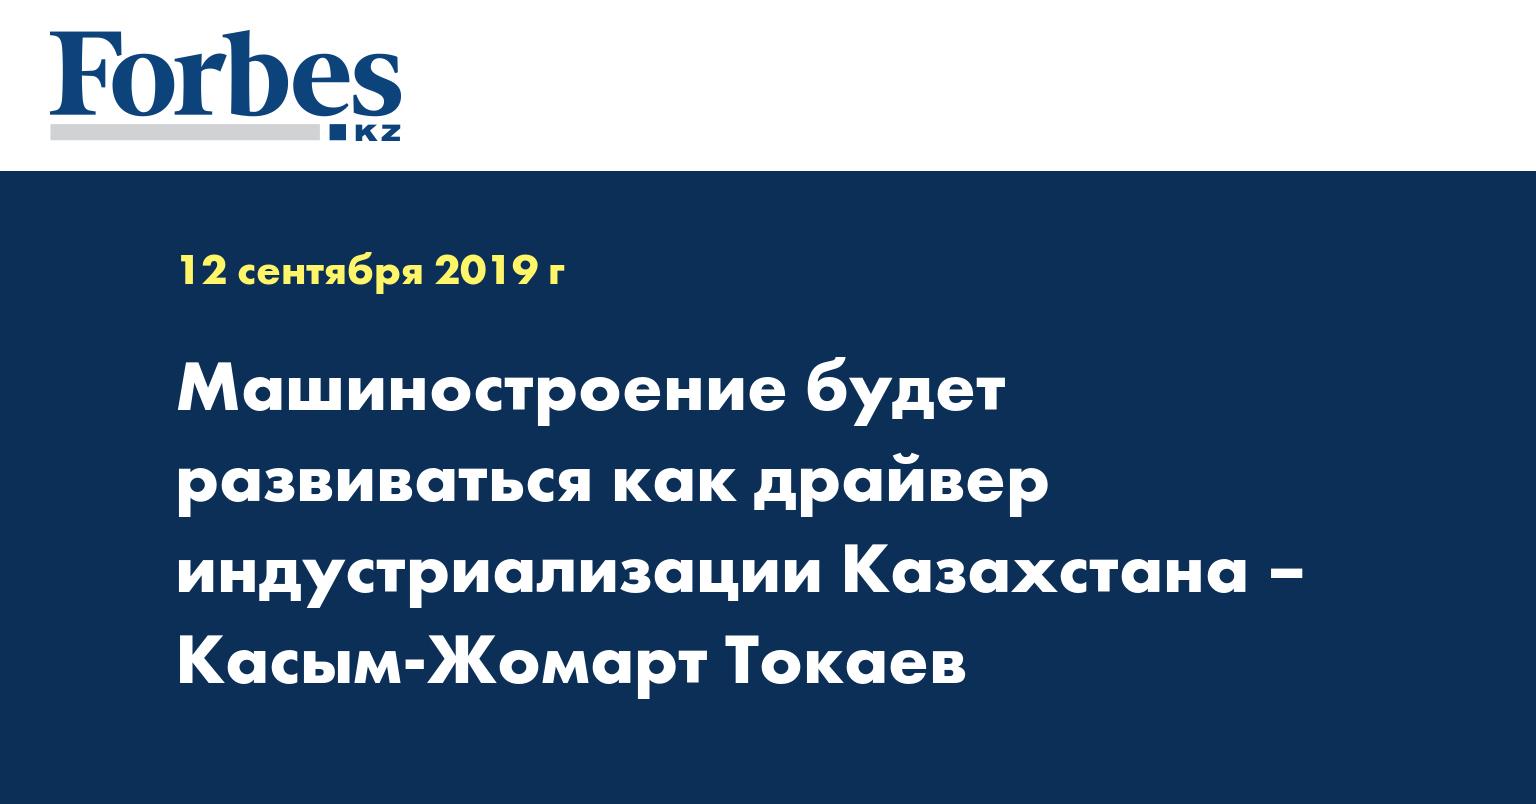 Машиностроение будет развиваться как драйвер индустриализации Казахстана – Касым-Жомарт Токаев